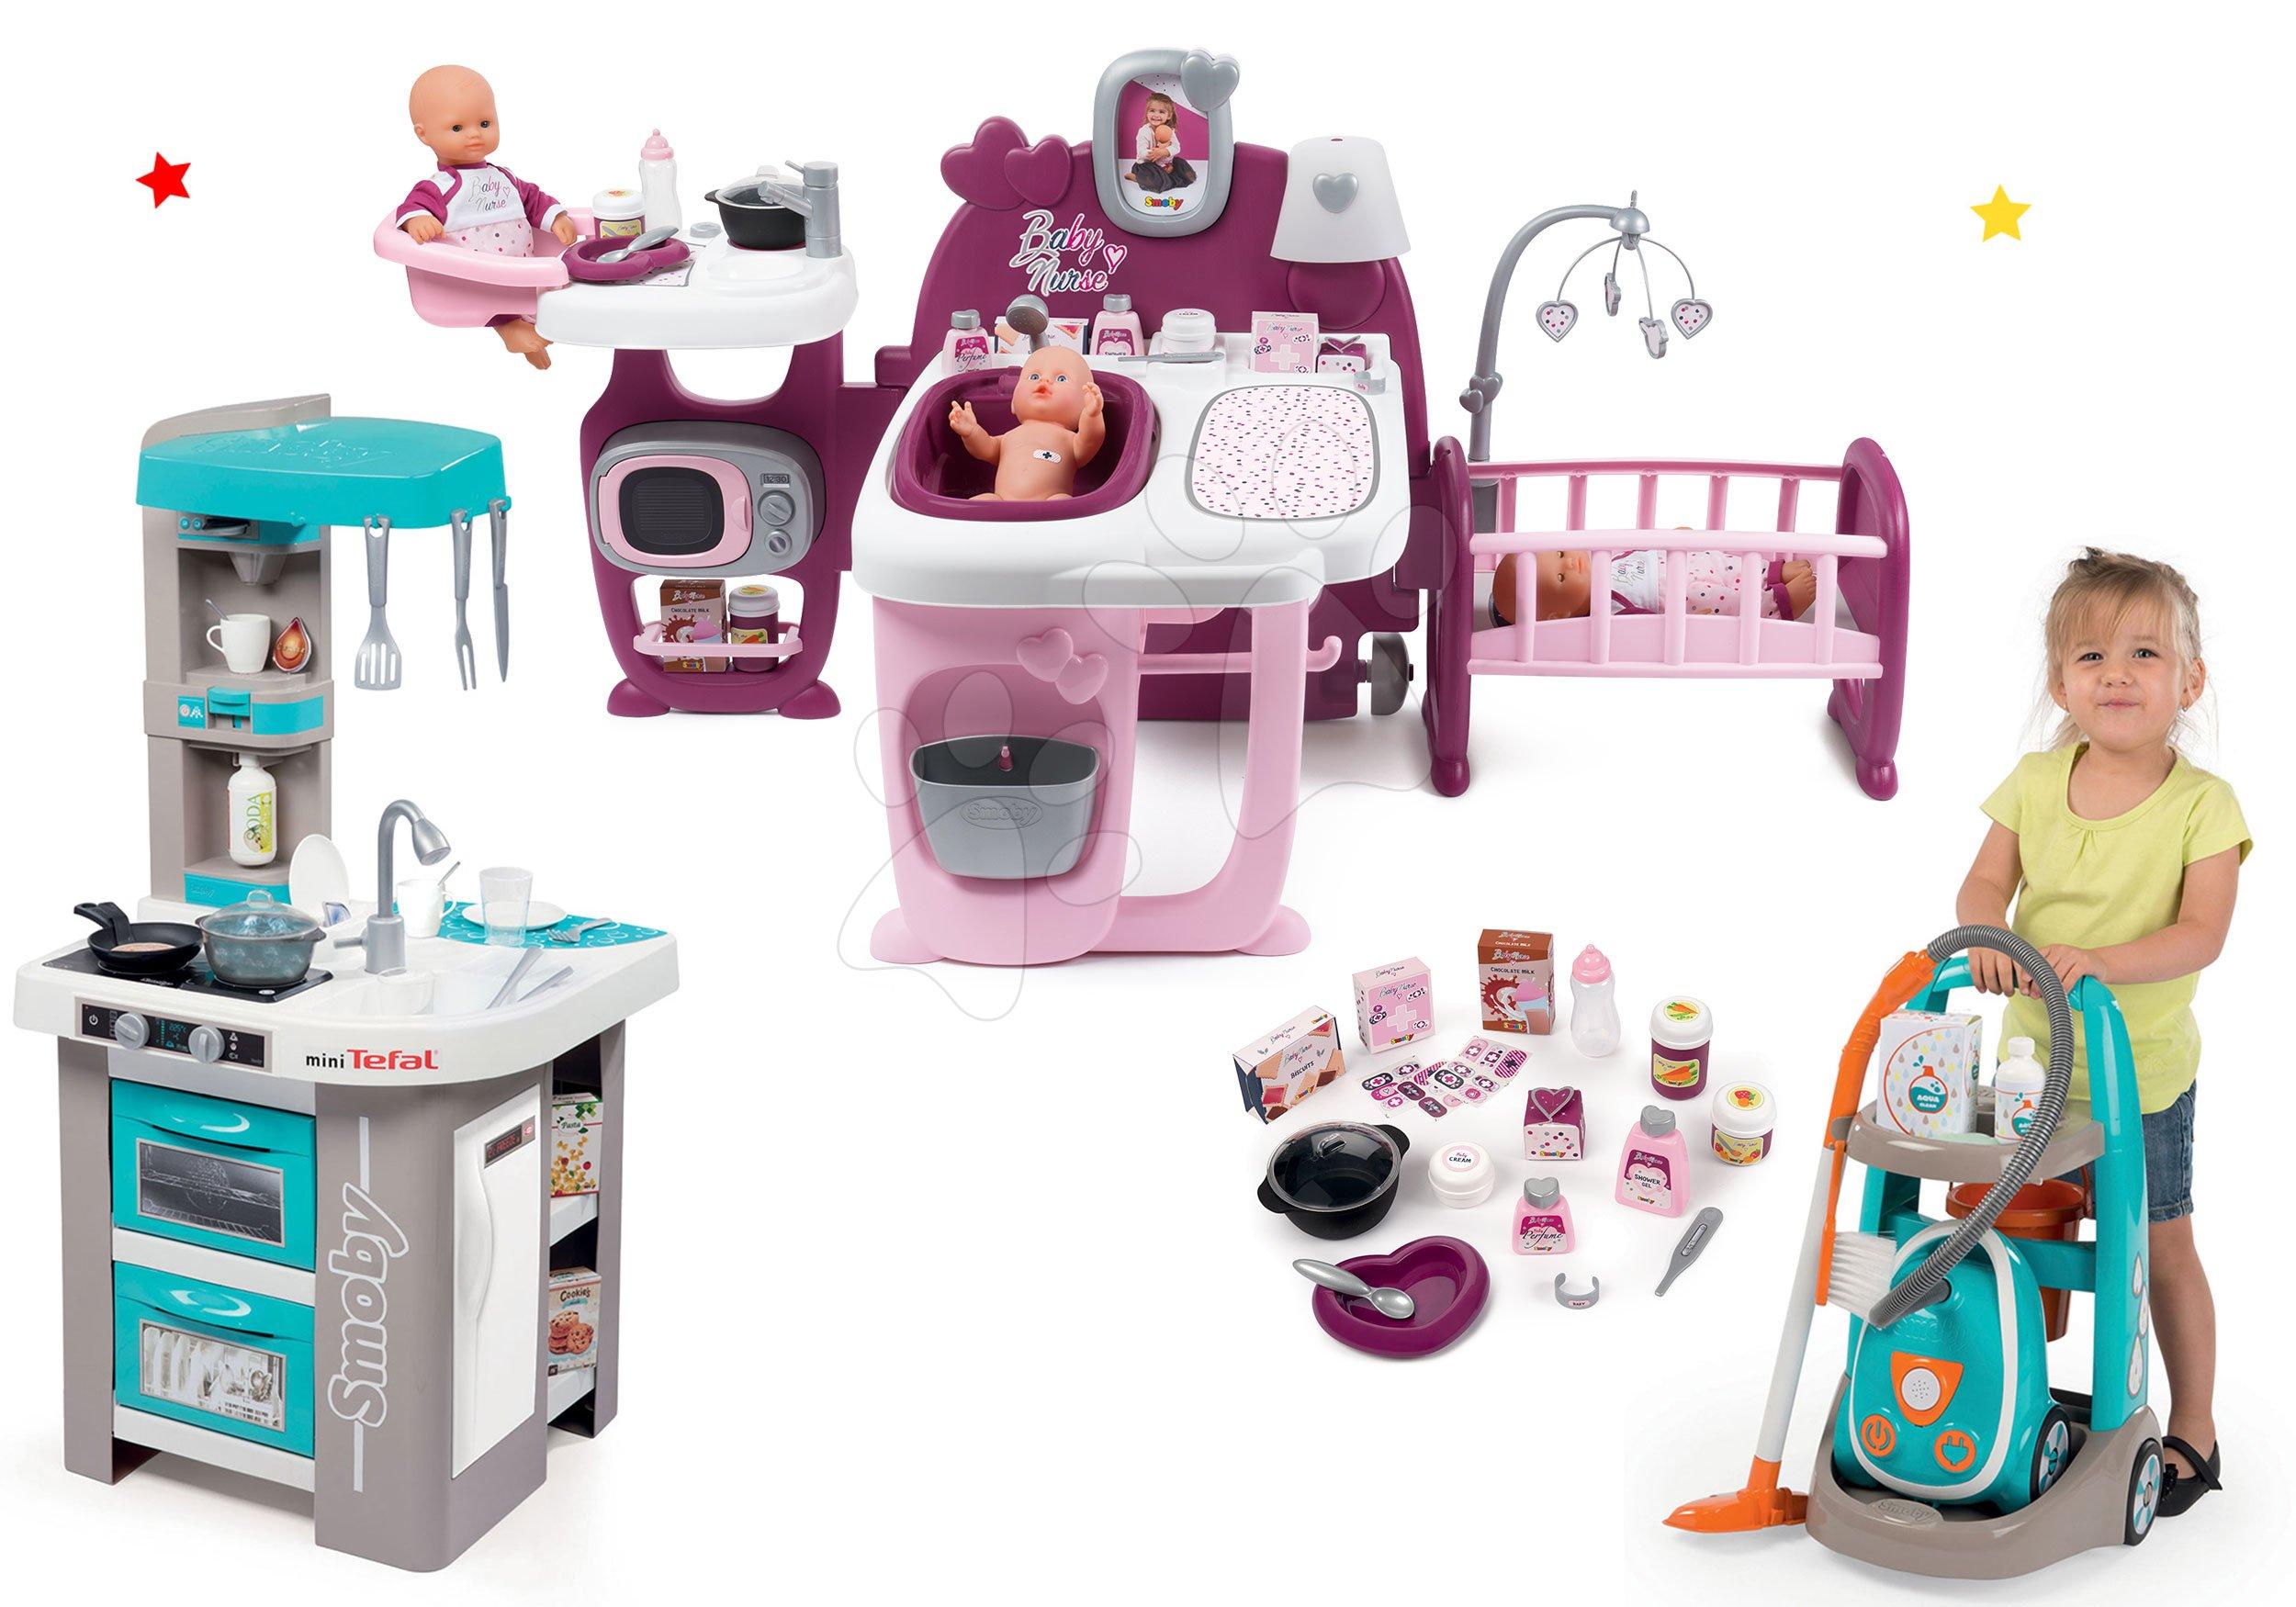 Smoby set domeček pro panenku Baby Nurse Doll´s Play Center, kuchyňka Tefal Bubble a úklidový vozík 220327-3